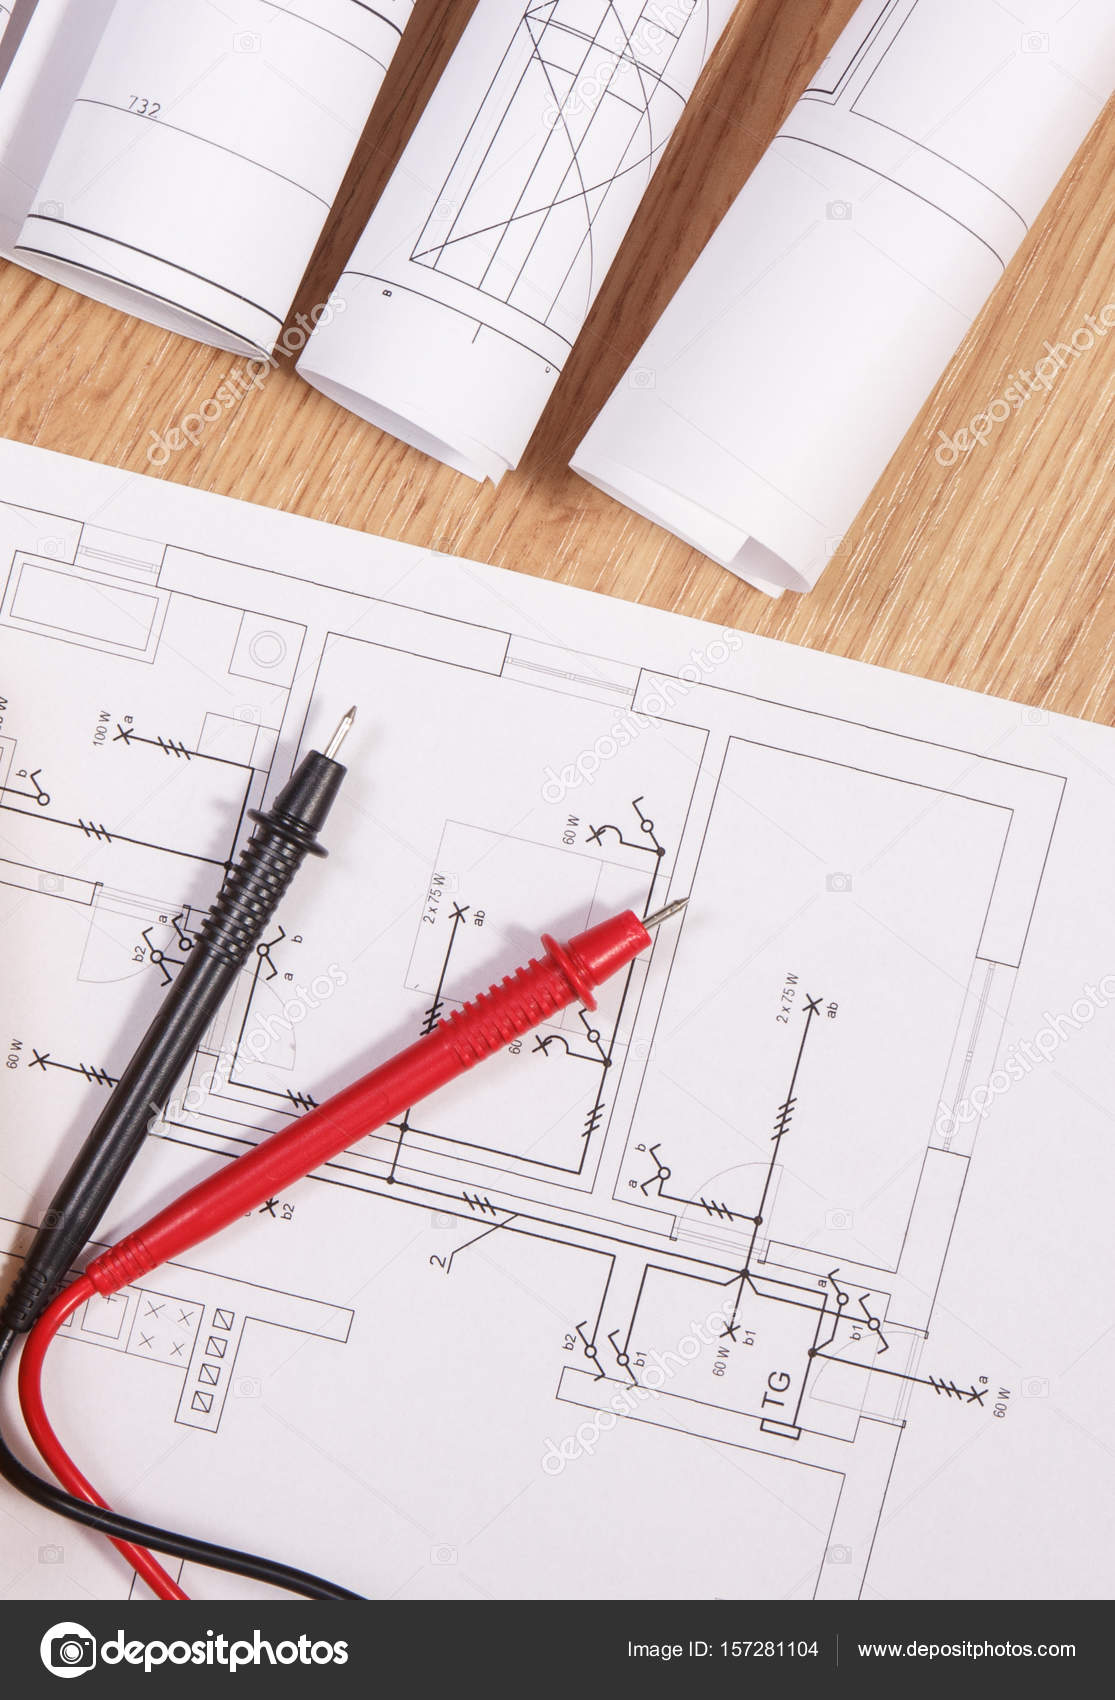 Diagramas eltricos ou desenhos e cabo do multmetro para a medio diagramas eltricos ou desenhos e cabo do multmetro para a medio em instalaes eltricas fotografia ccuart Choice Image